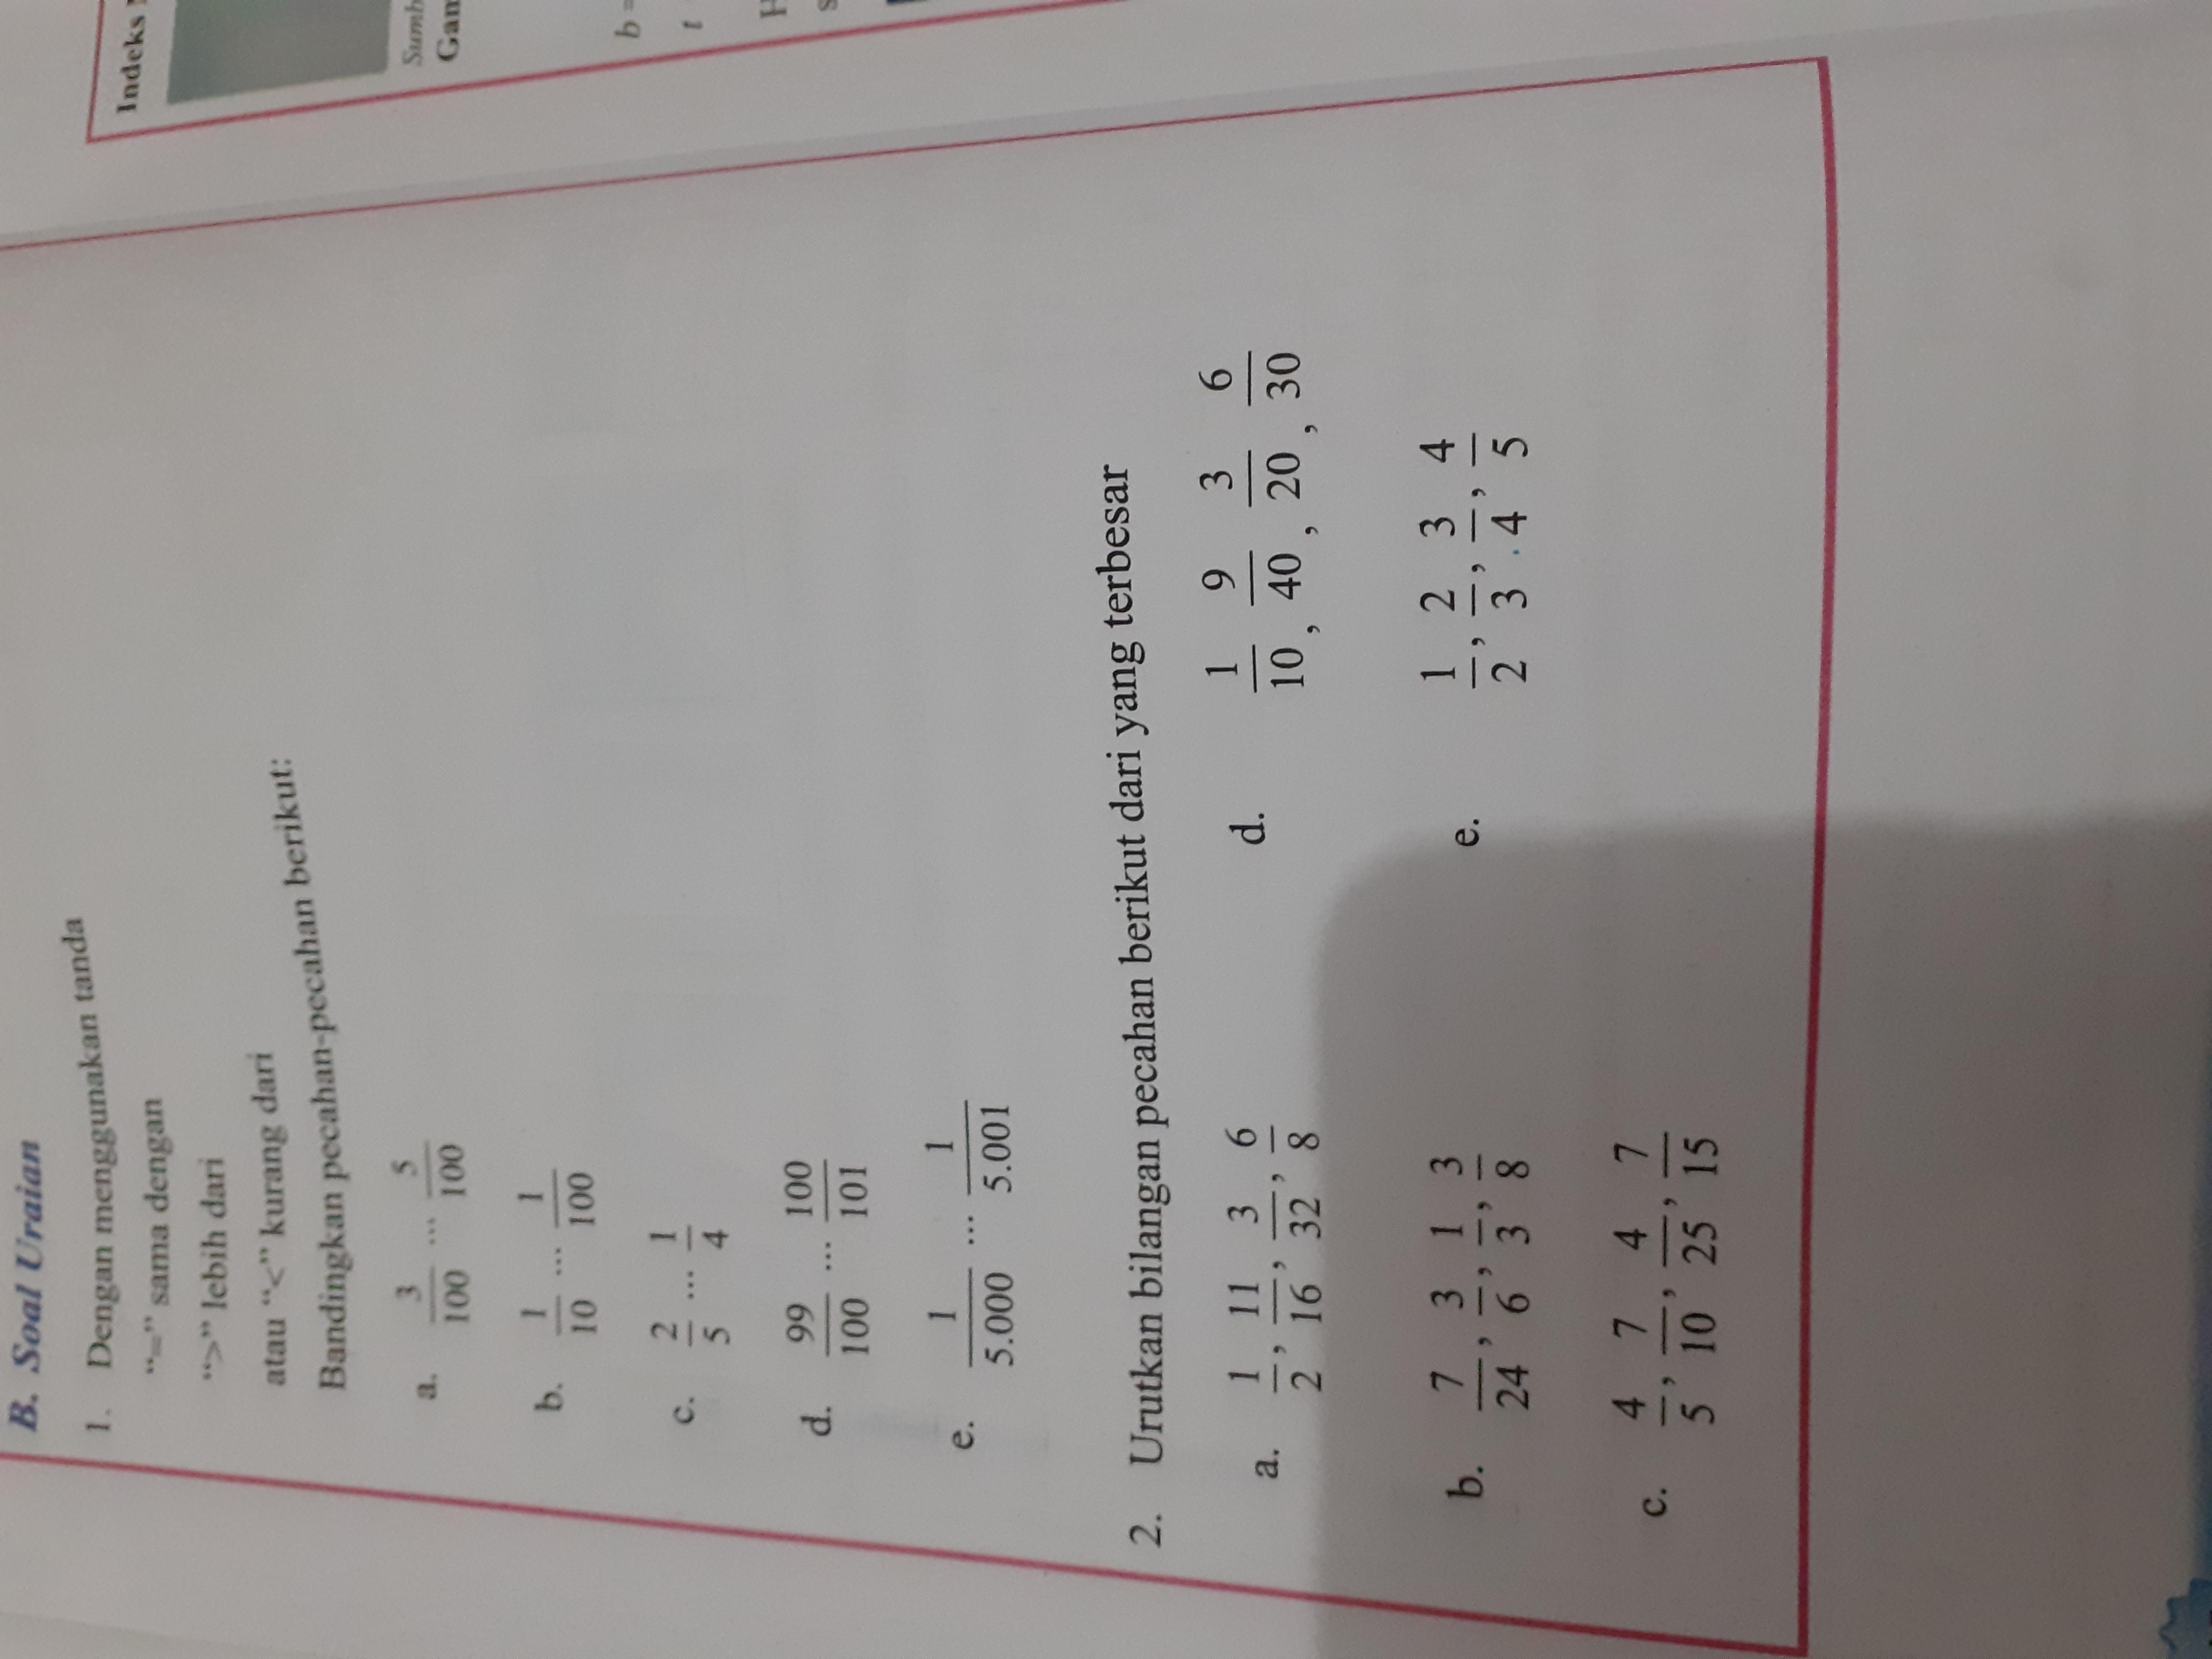 Jawaban Soal Uraian Matematika Kelas 7 Halaman 48